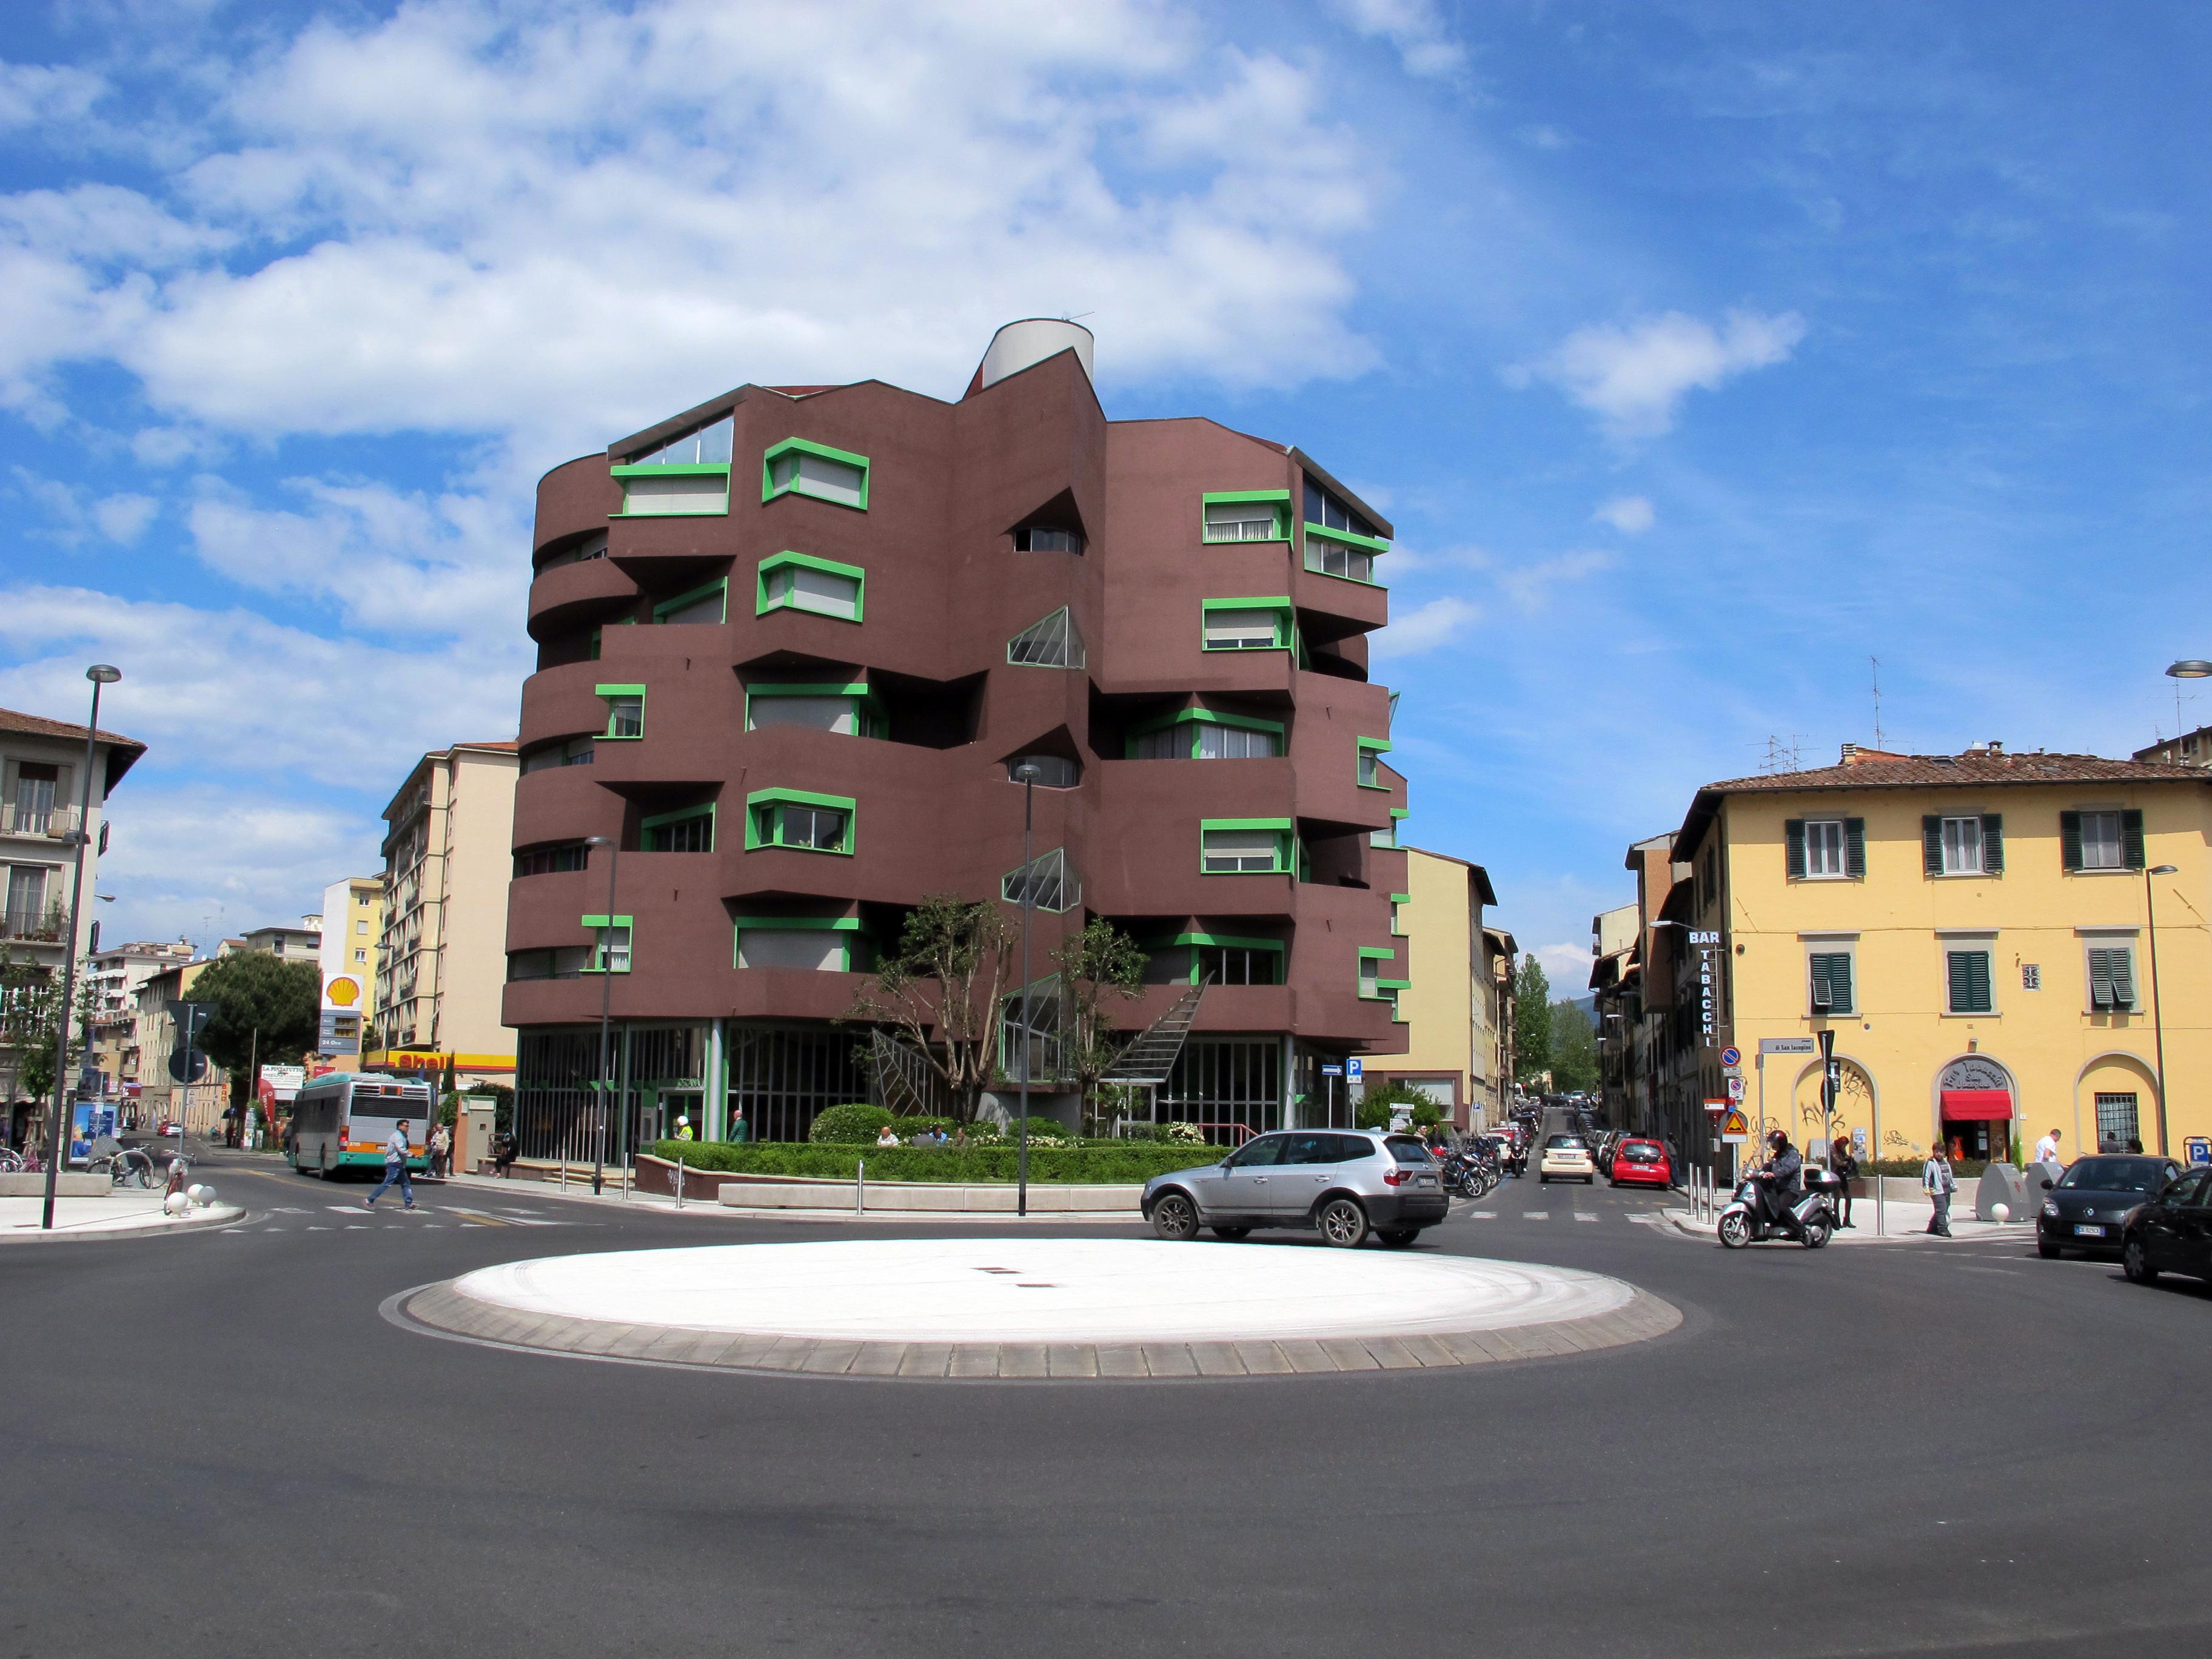 Piazza_san_jacopino,_edificio_03